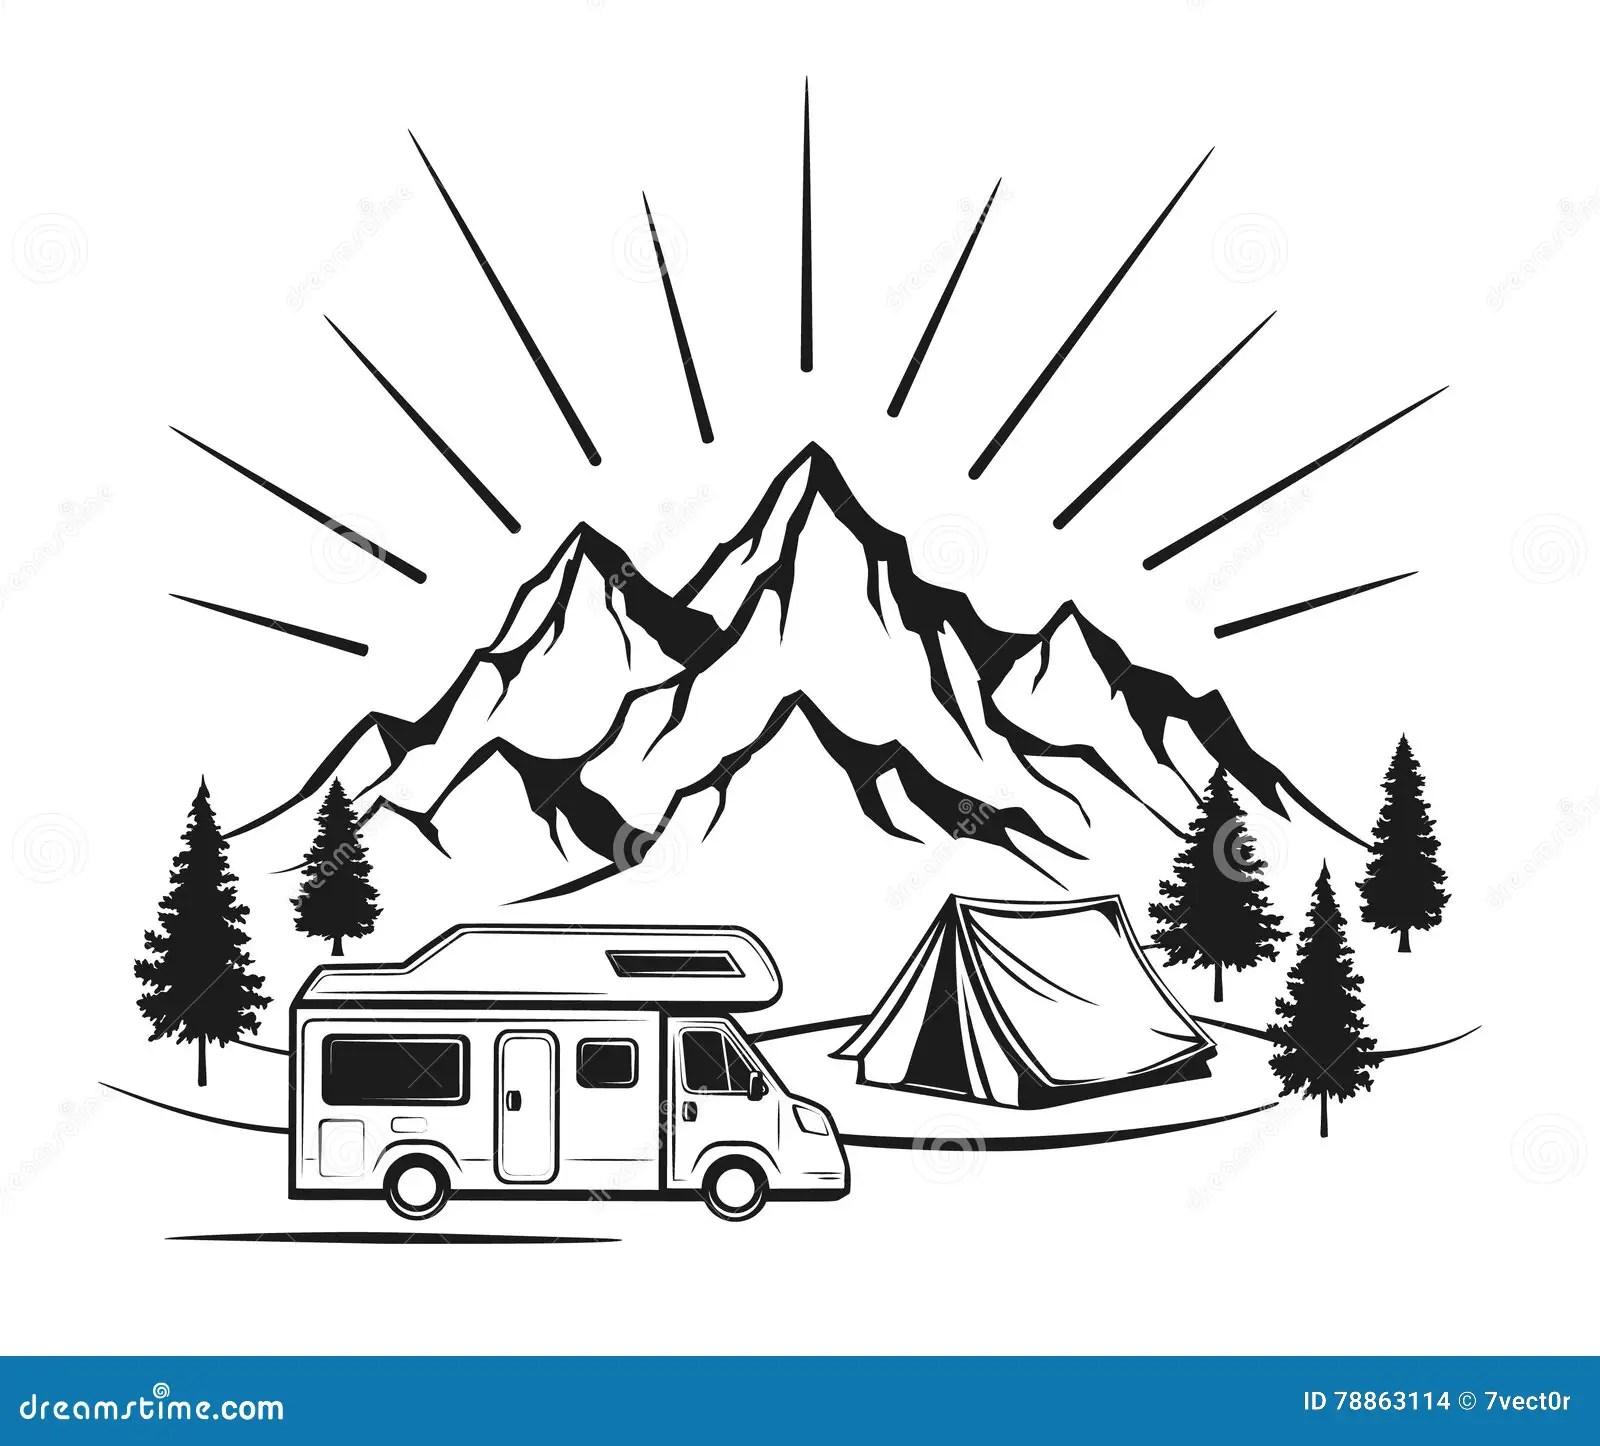 family rv vans